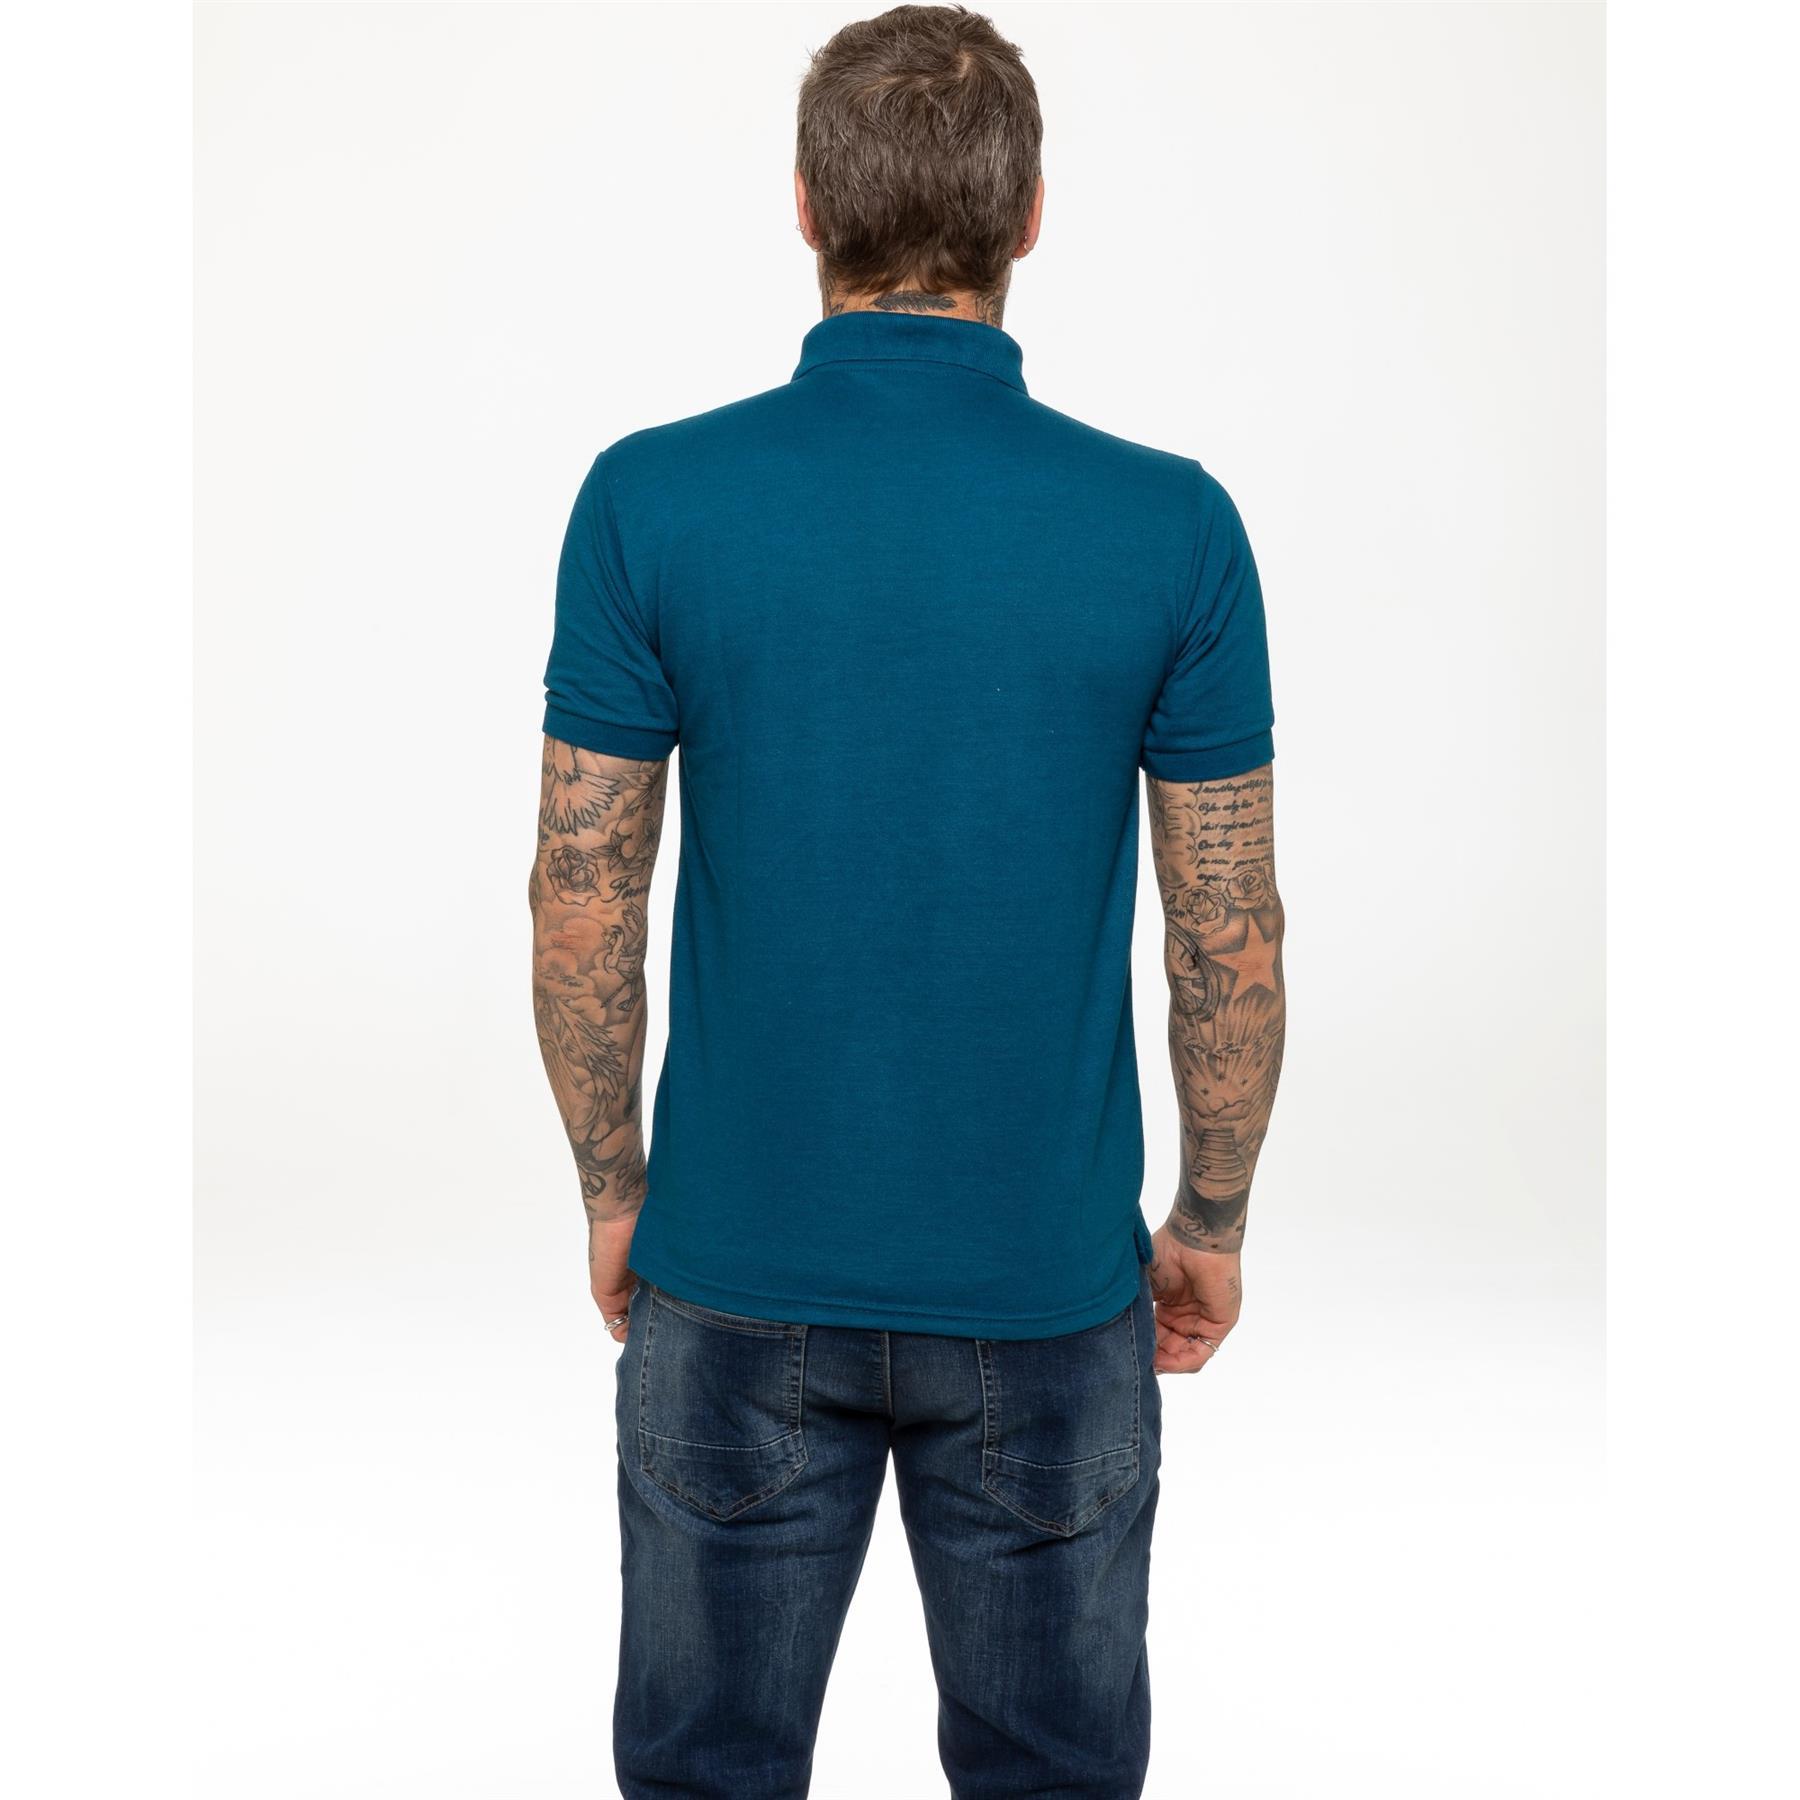 Indexbild 29 - Herren Polohemd Freizeit T-Shirts Neu Schlicht Kurzärmeliges Regular Fit